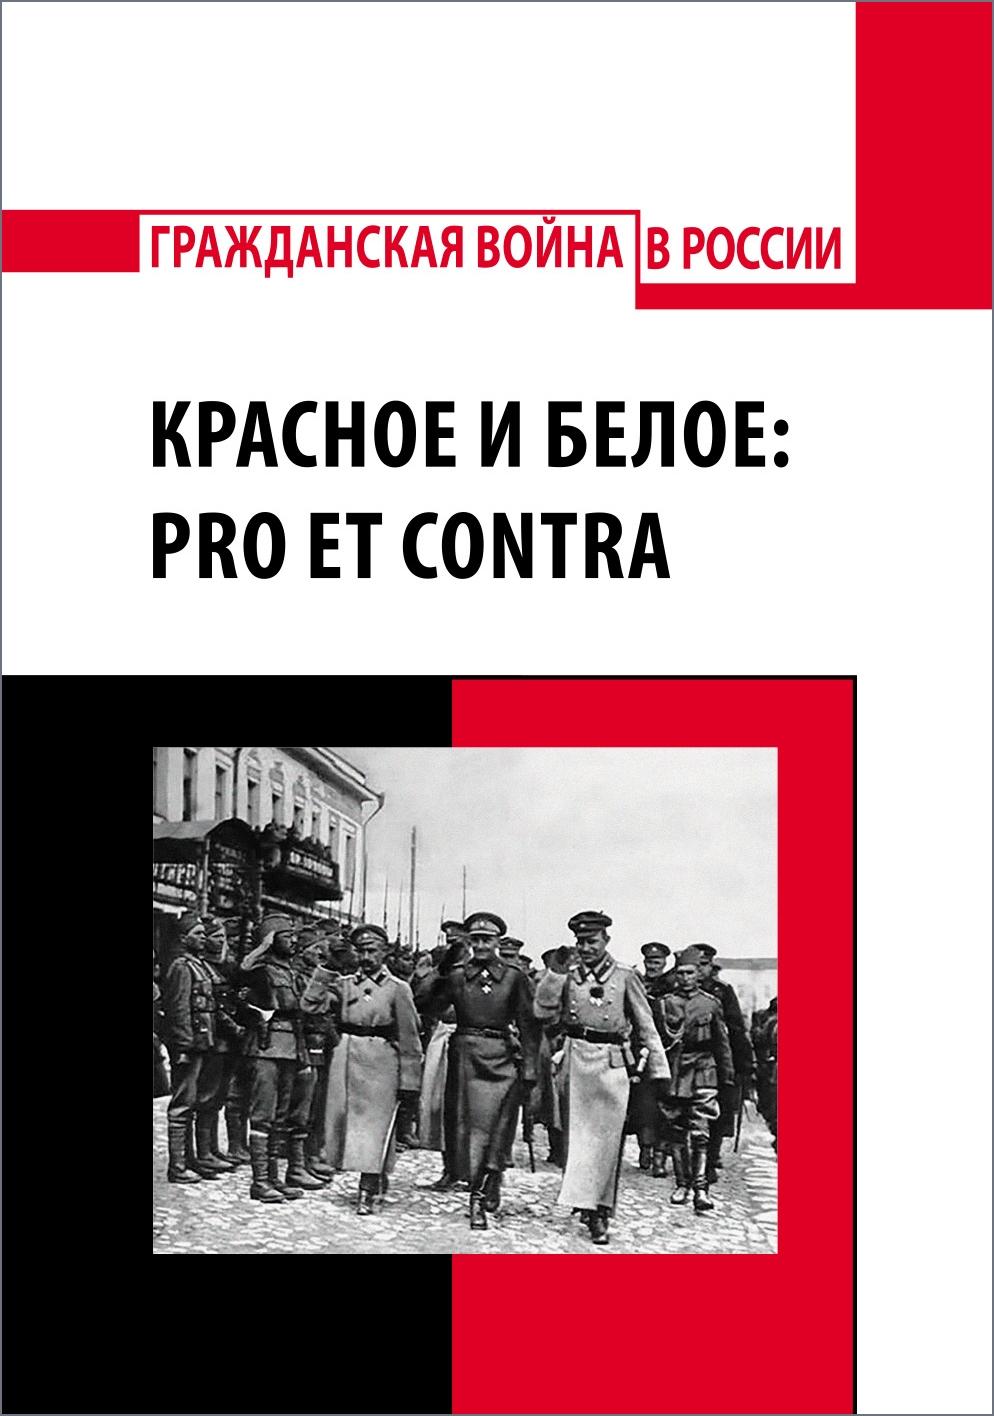 Красное и белое: pro et contra. Издательство РХГА